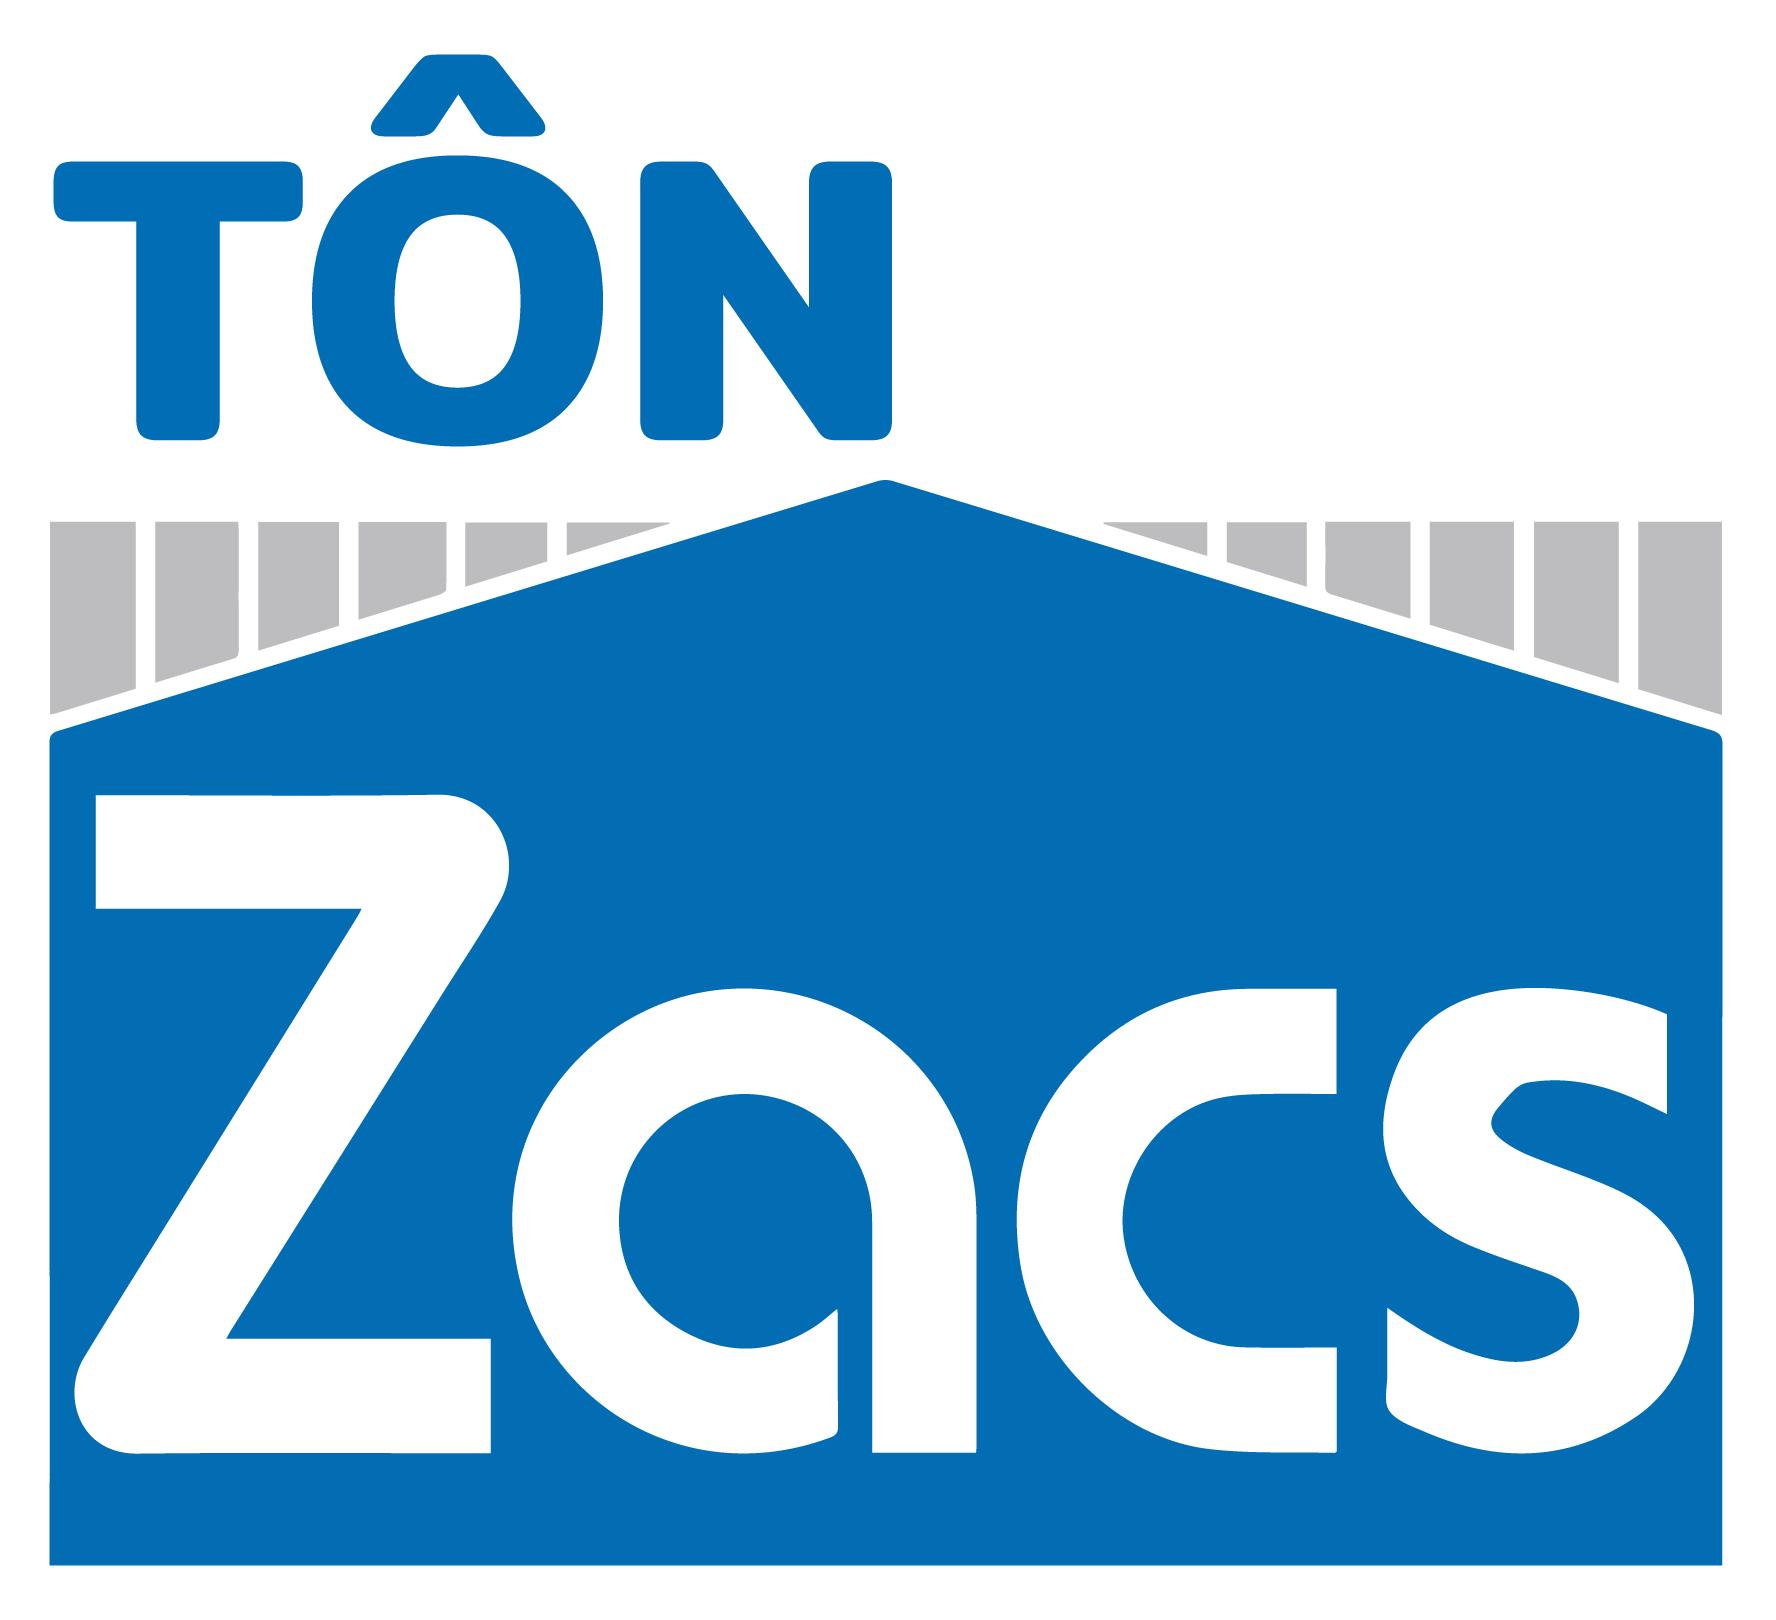 Zacs thép mạ cường độ cao: Lựa chọn tối ưu cho mái nhà hiện đại